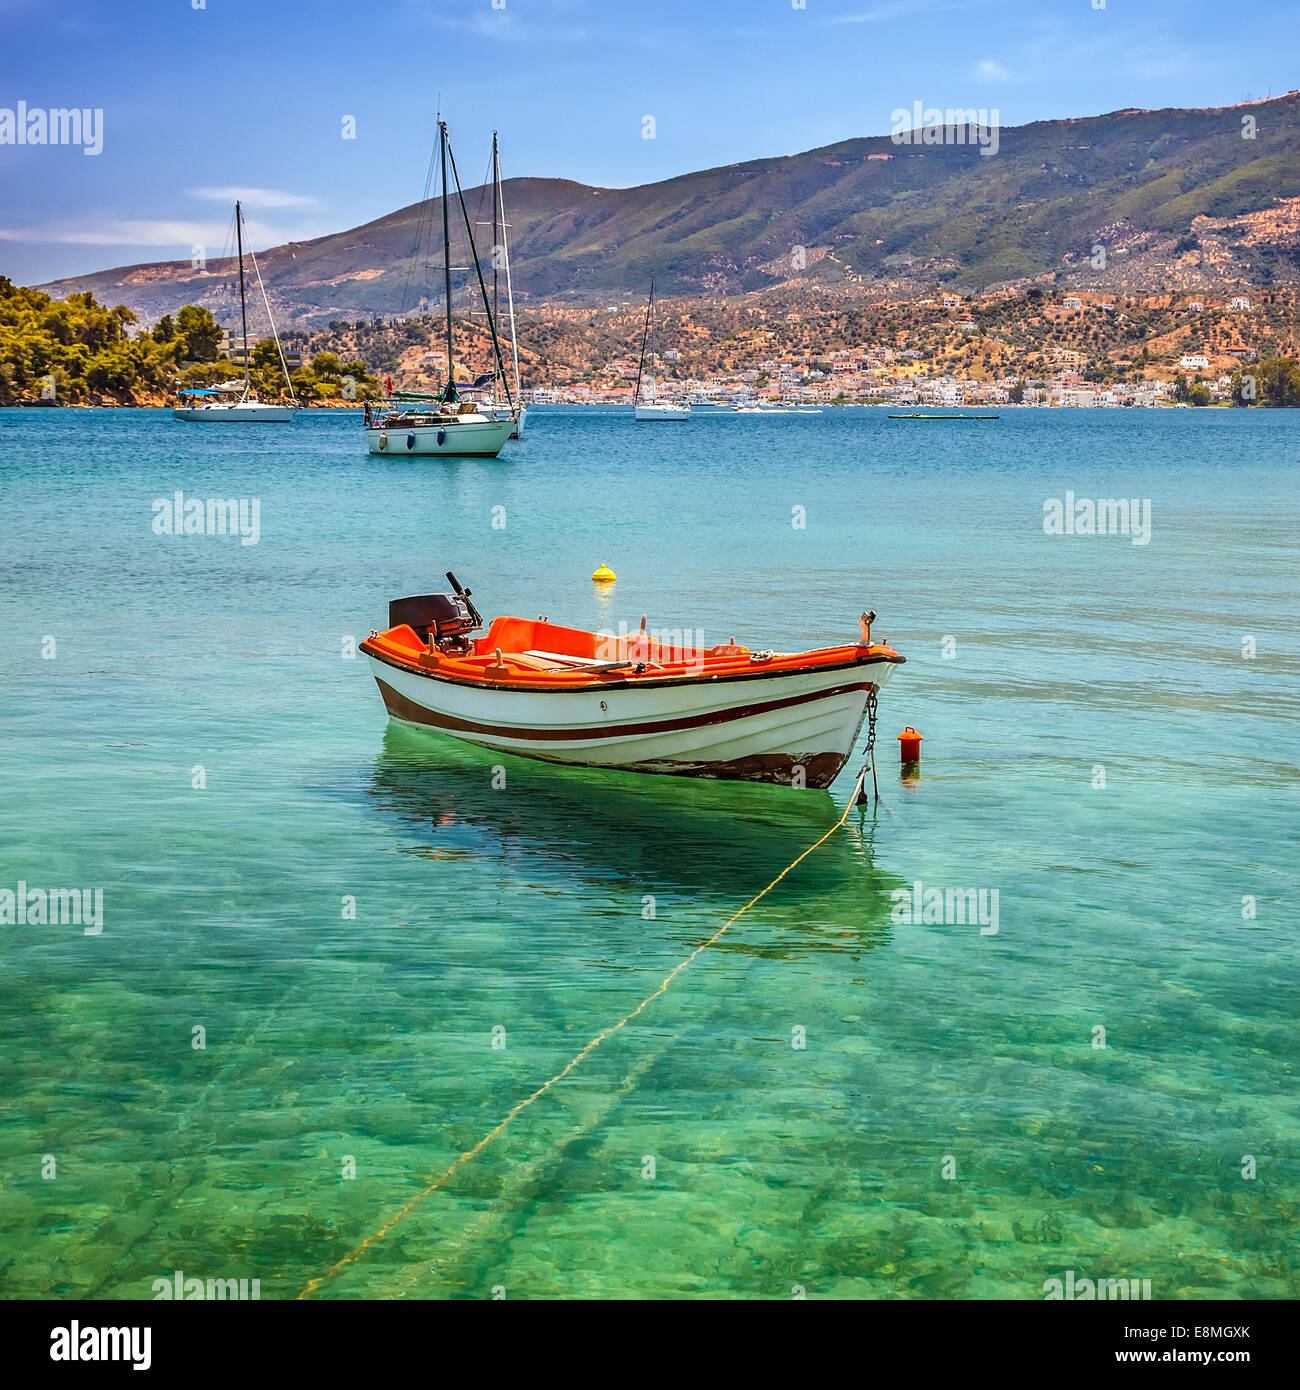 Bateau de pêche, Grèce Photo Stock